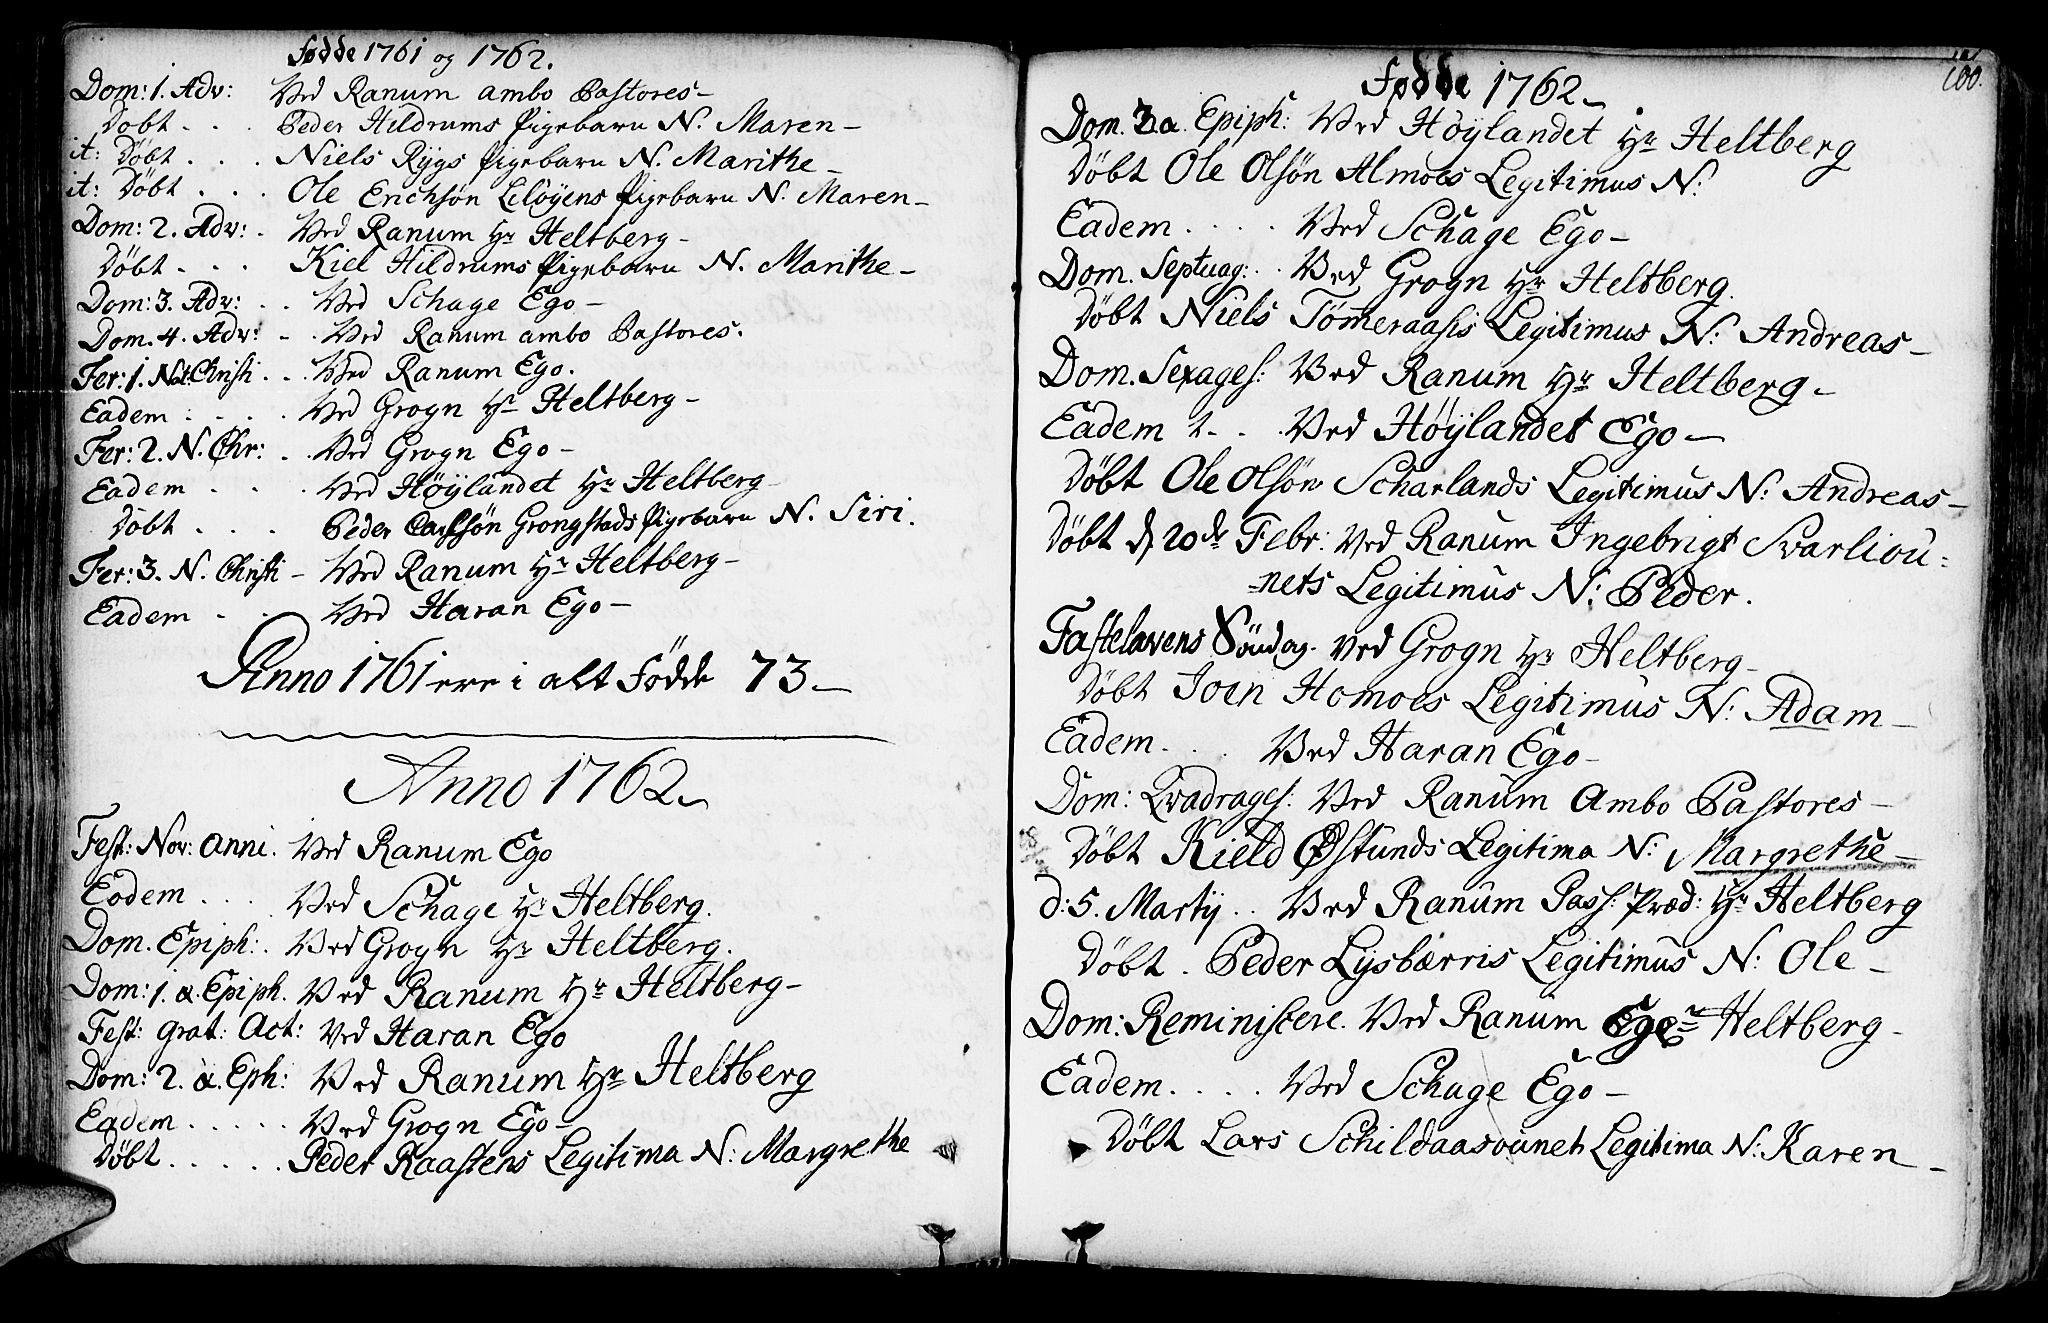 SAT, Ministerialprotokoller, klokkerbøker og fødselsregistre - Nord-Trøndelag, 764/L0542: Ministerialbok nr. 764A02, 1748-1779, s. 100